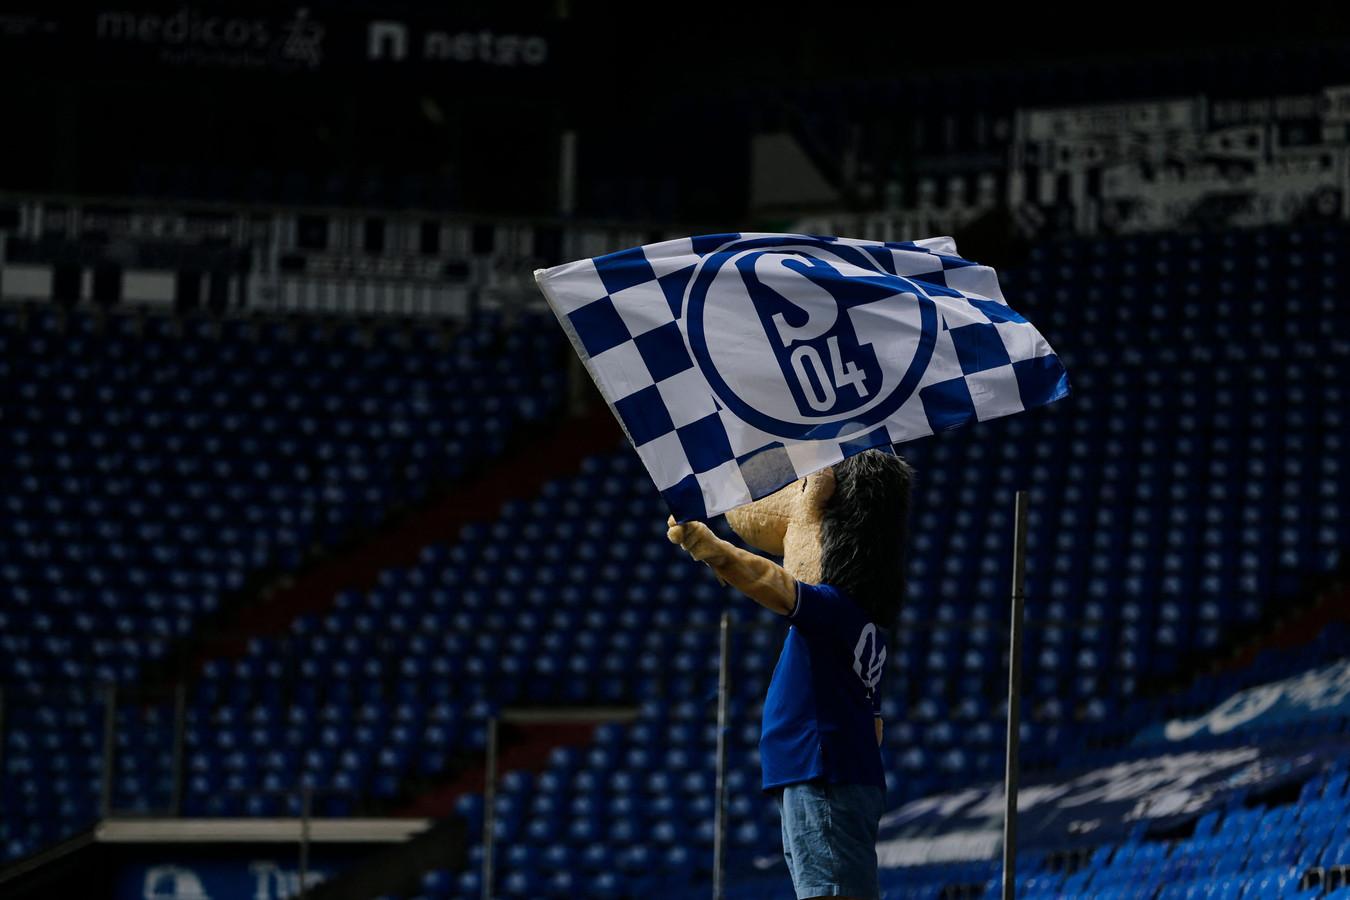 Schalke 04 stapt officieel uit de hoogste League of Legends-competitie van Europa. De club verkoopt zijn plek voor 30 miljoen euro.